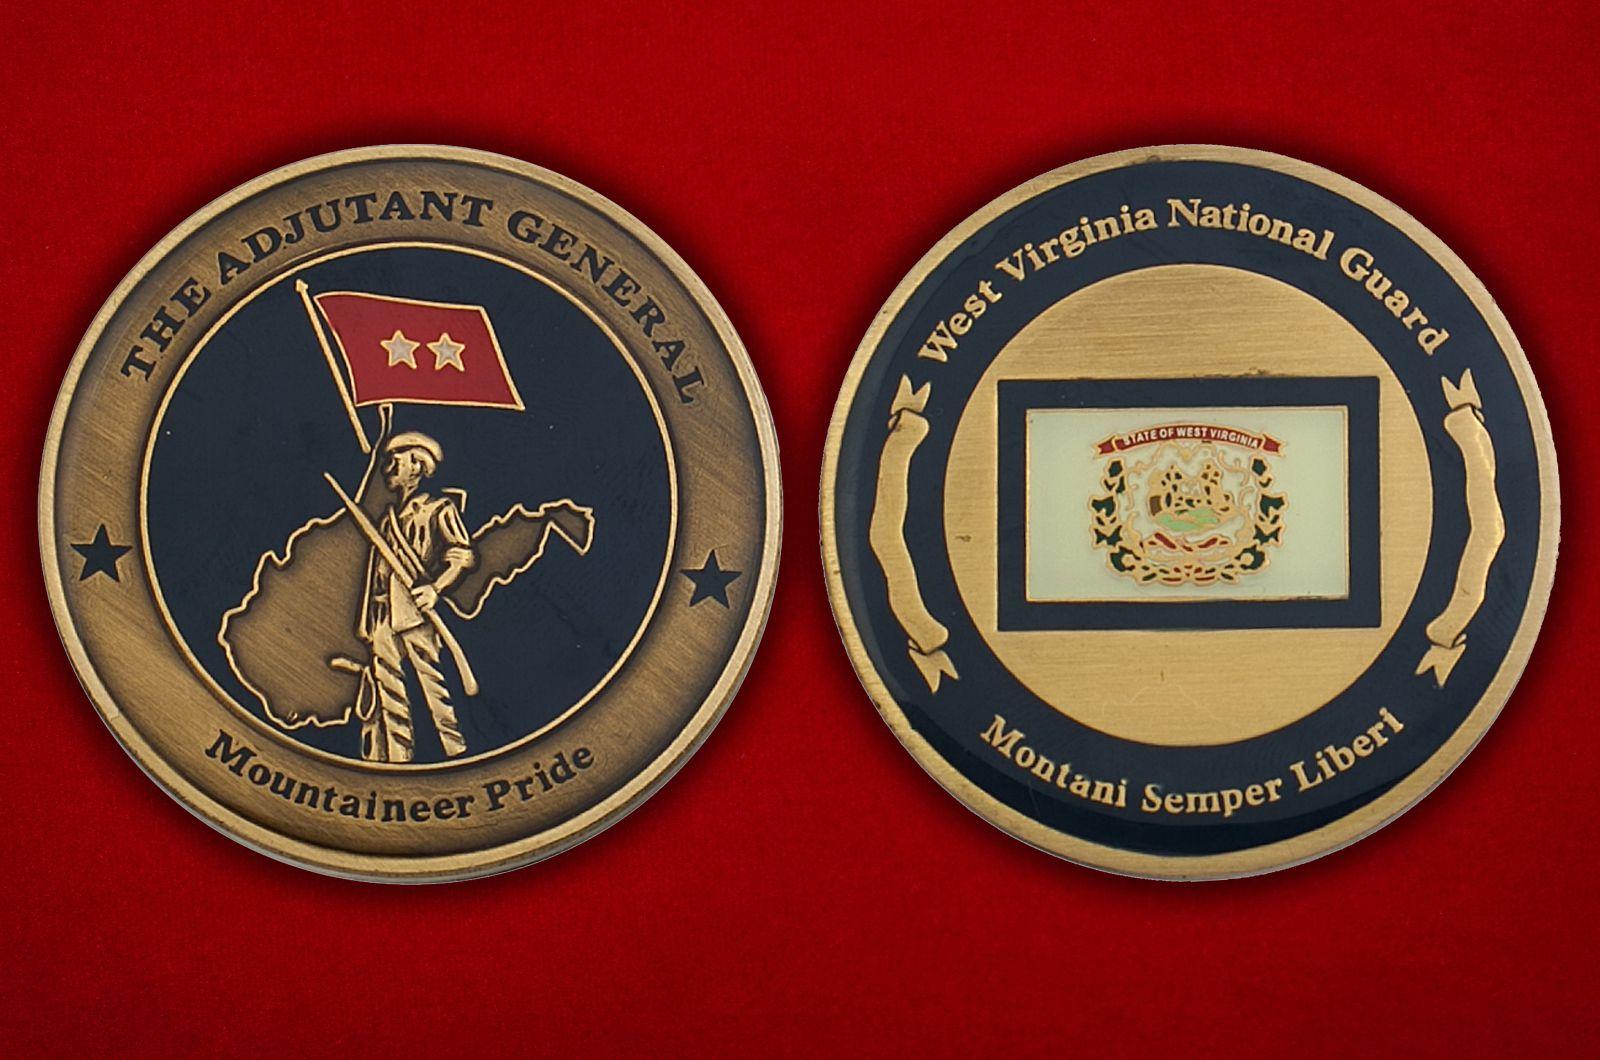 Челлендж коин Национальной гвардии США, штат Виргиния - аверс и реверс